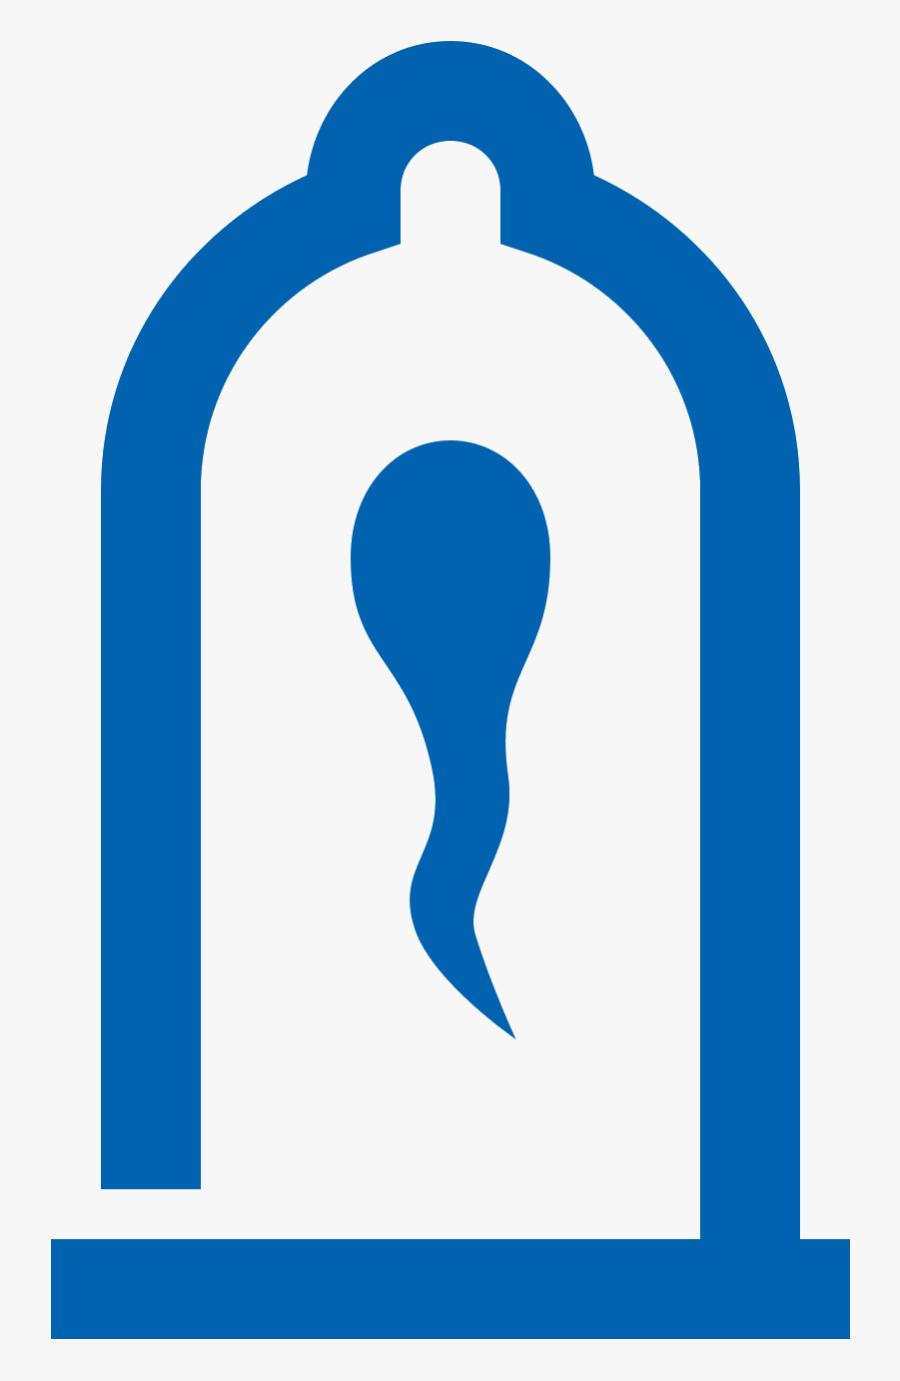 Png Images, Pngs, Condom, Condoms, Durex,, Transparent Clipart